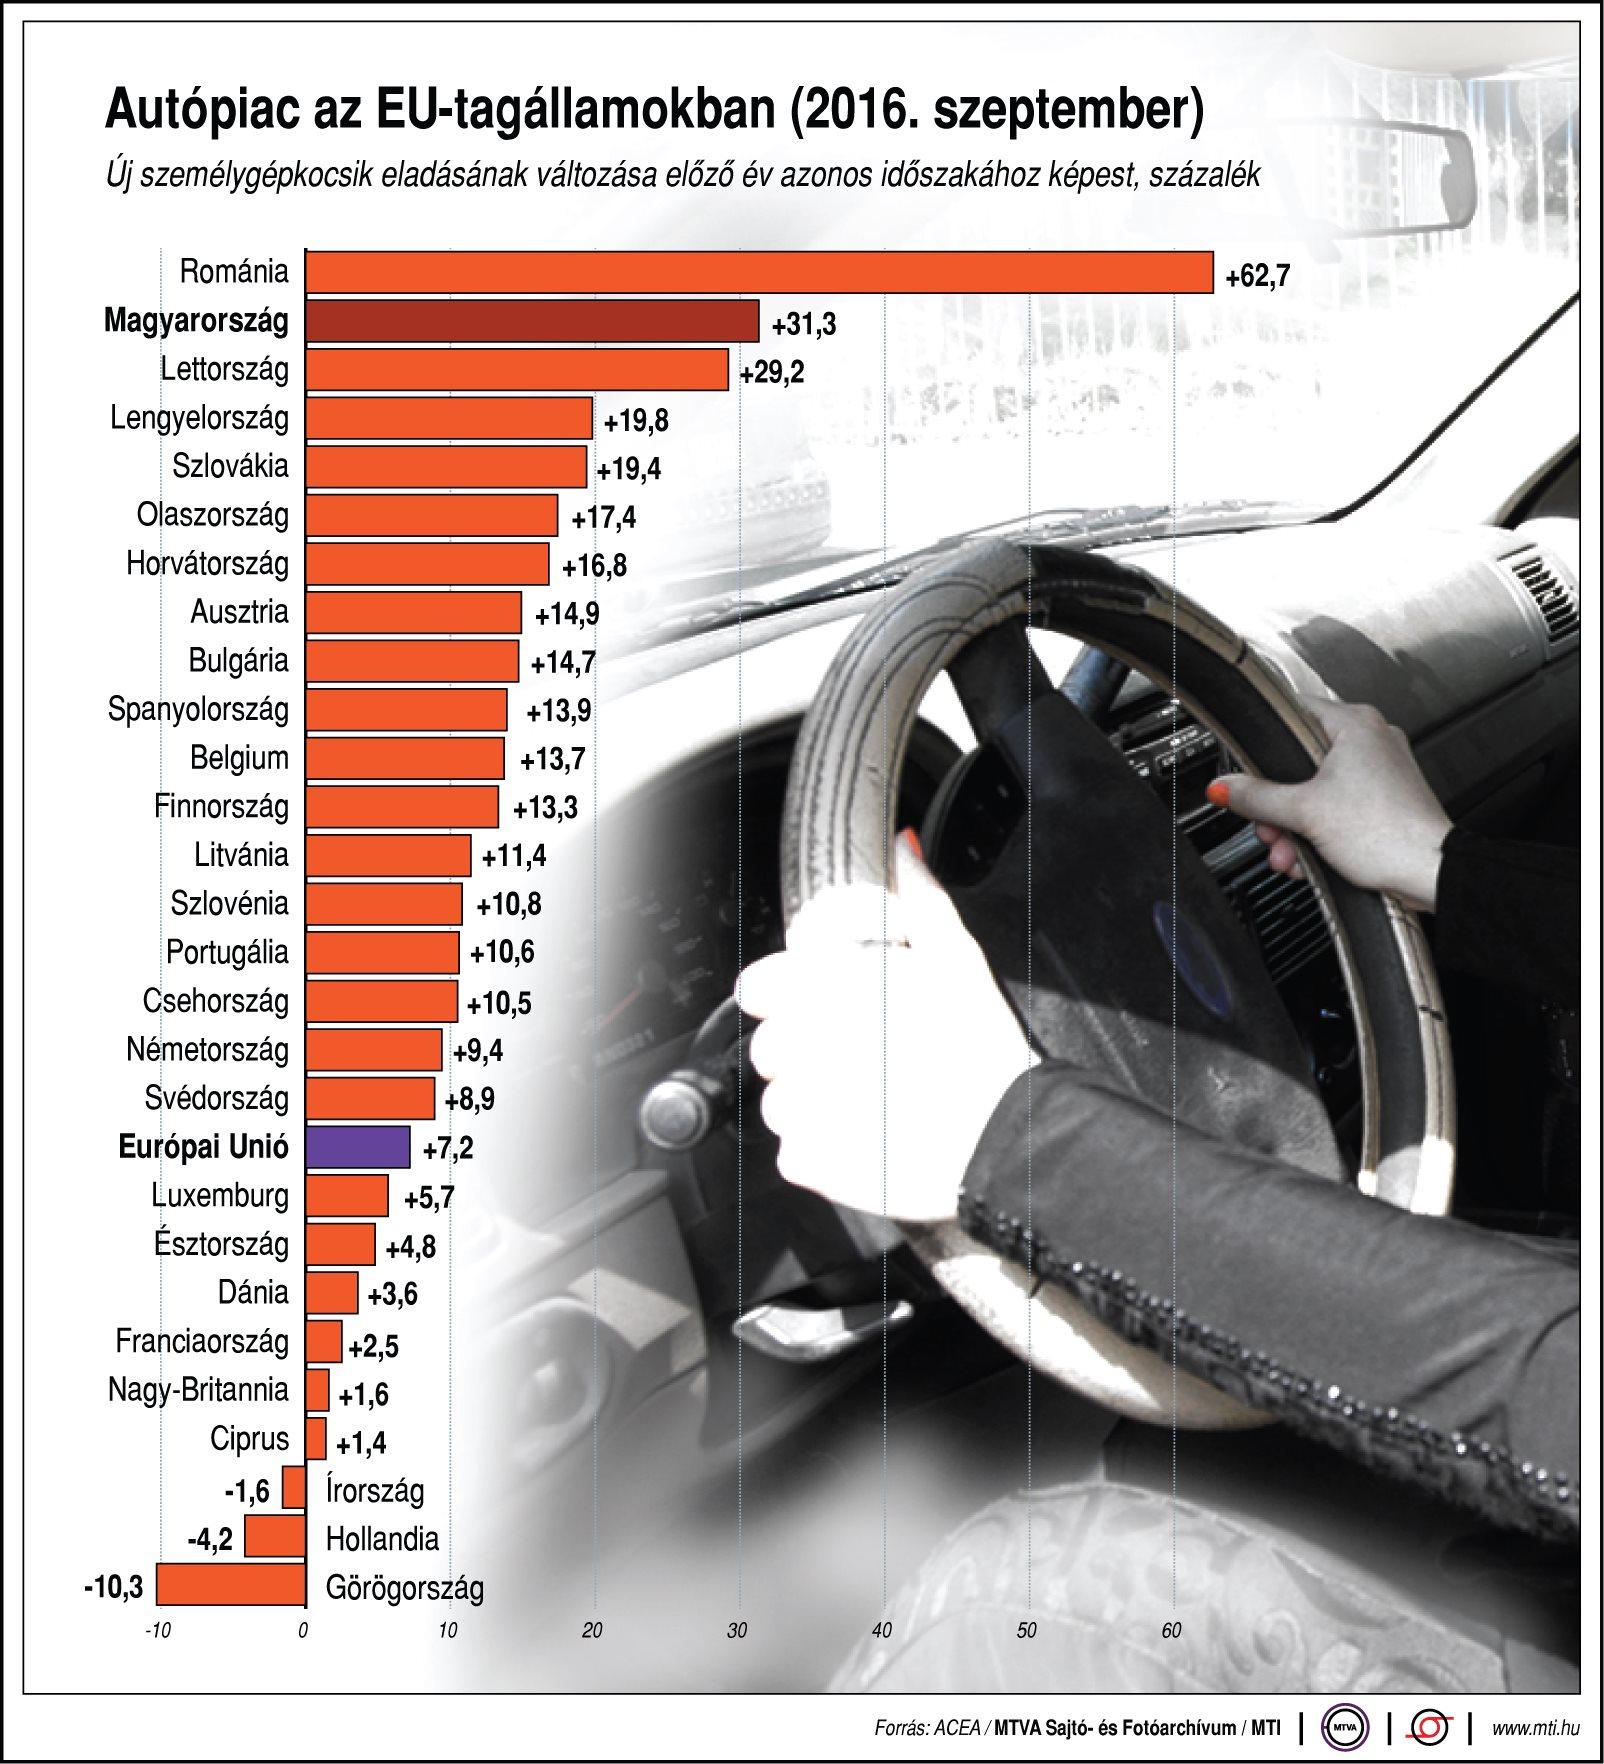 Ábra - Így néz ki az autópiac az EU-ban